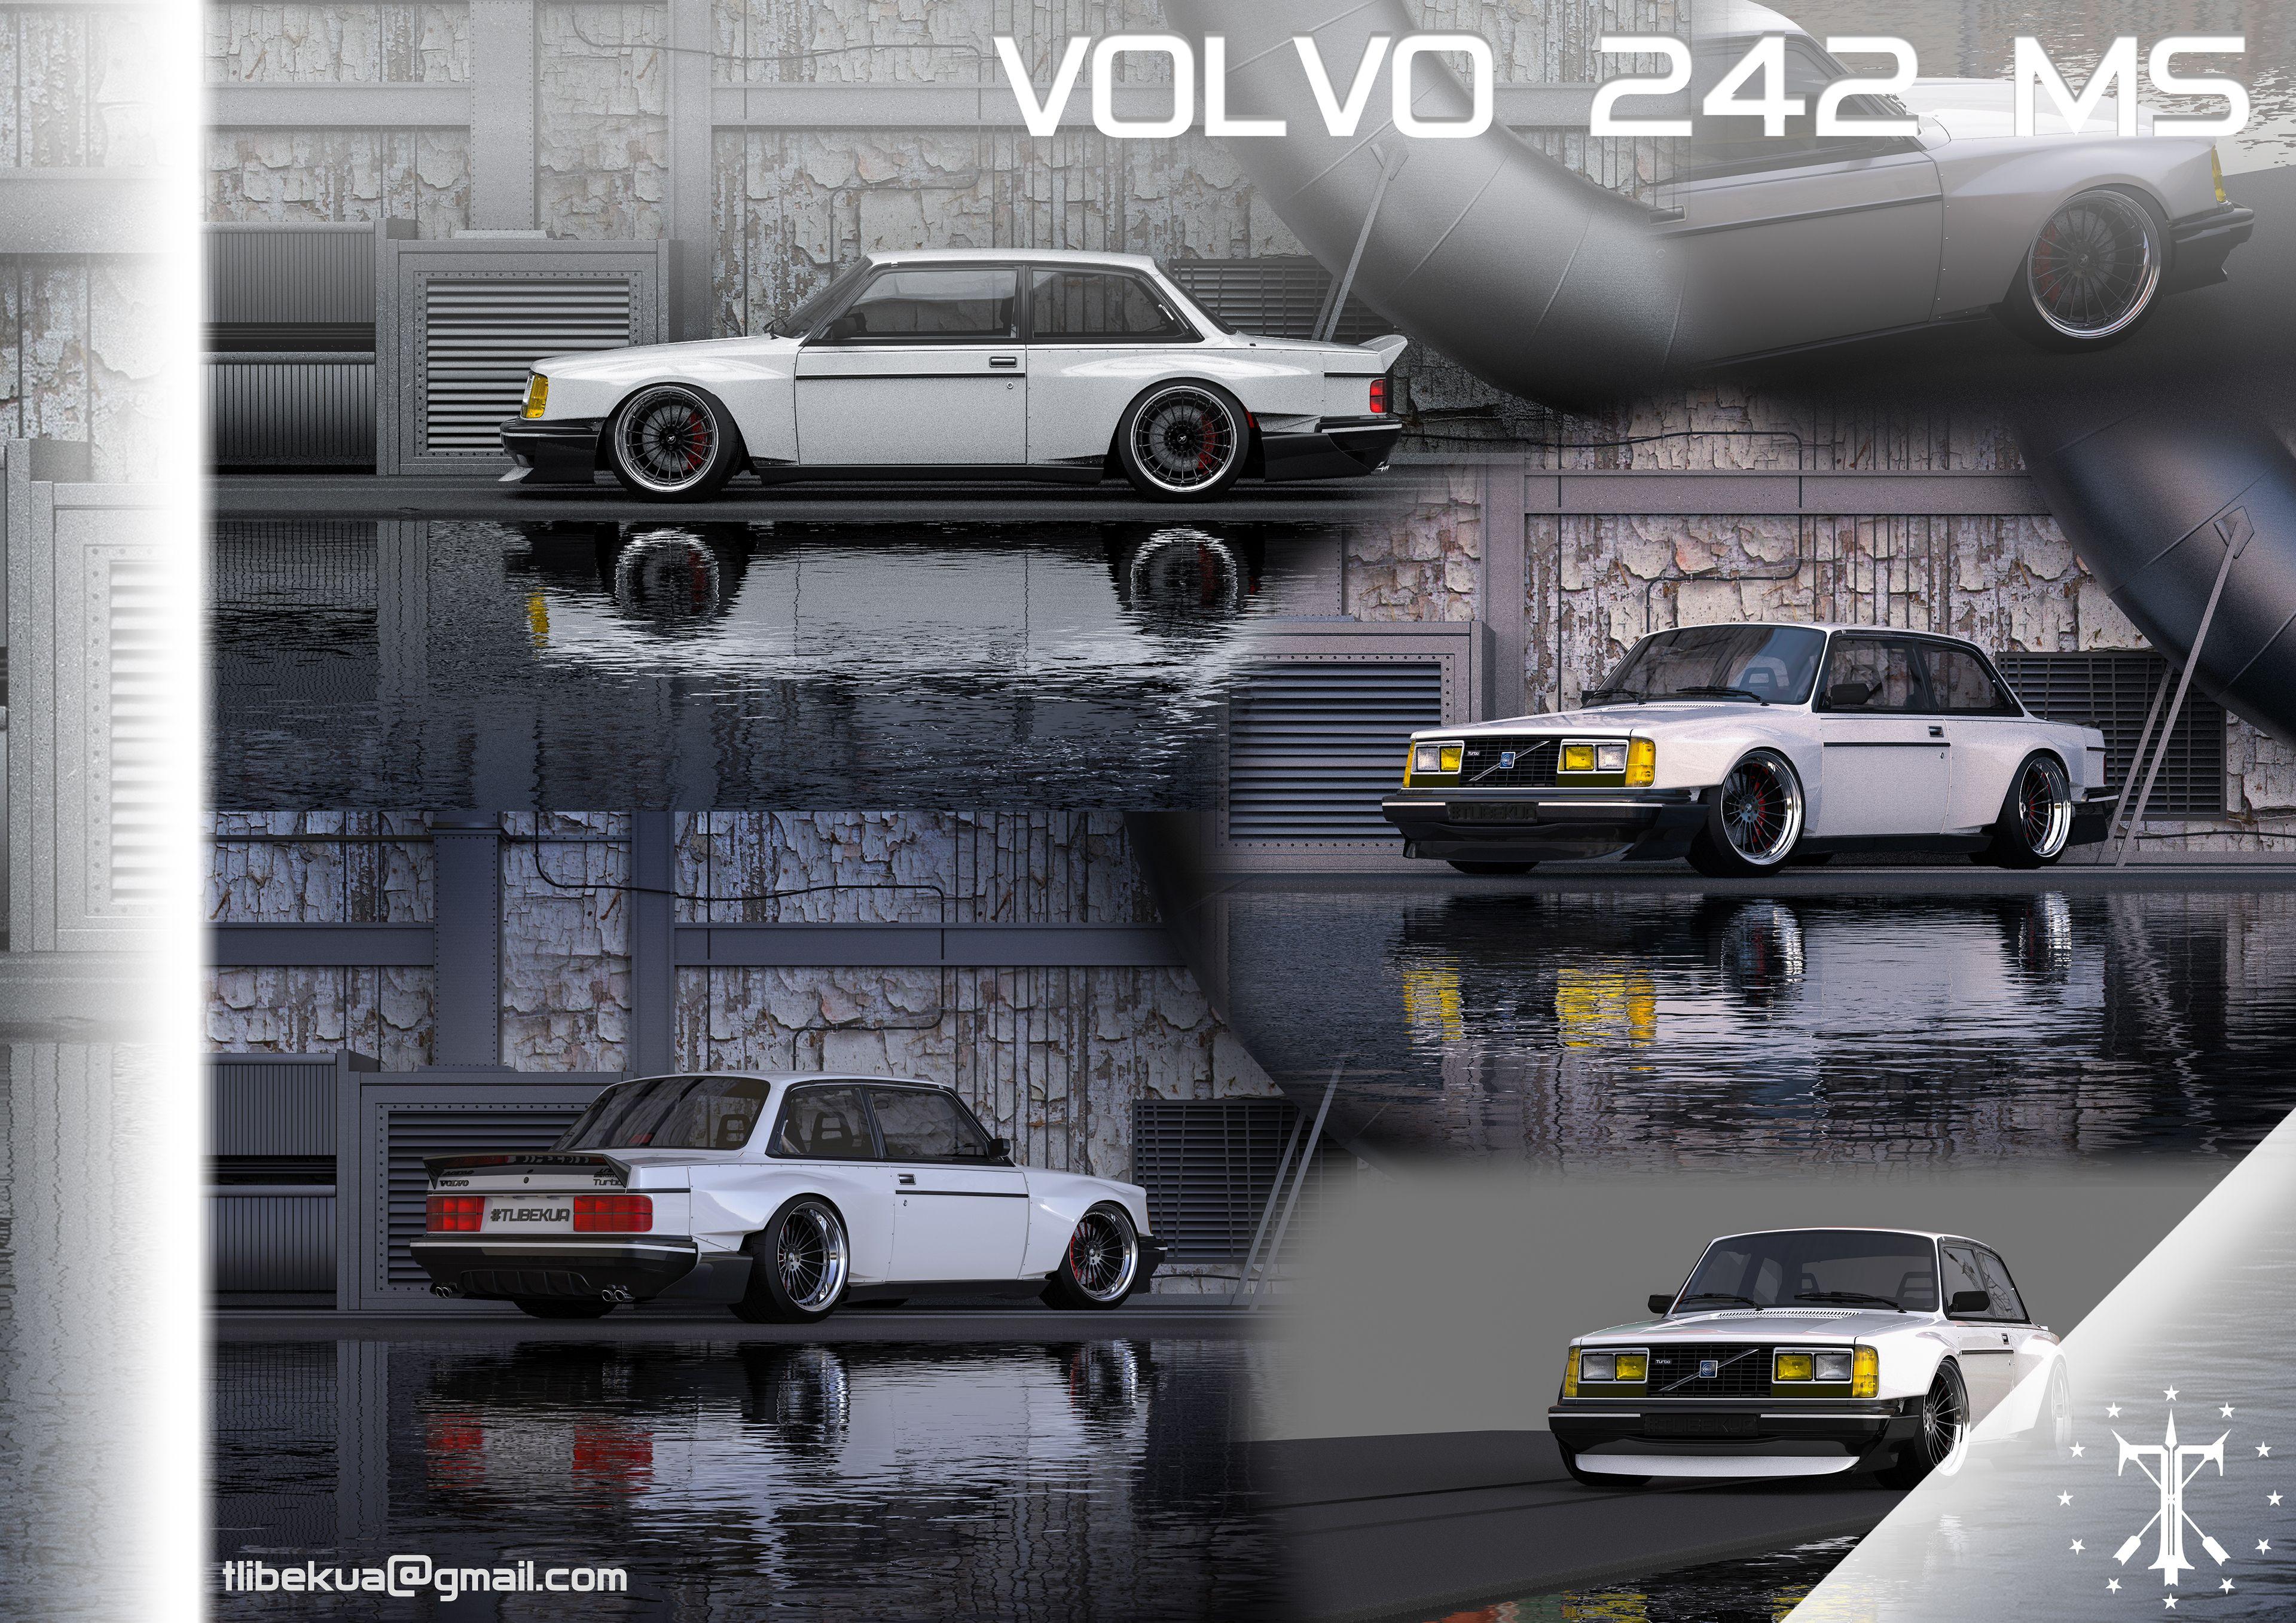 Body Kit For Cool Model Of Volvo Volvo 242 Turbo Volvo